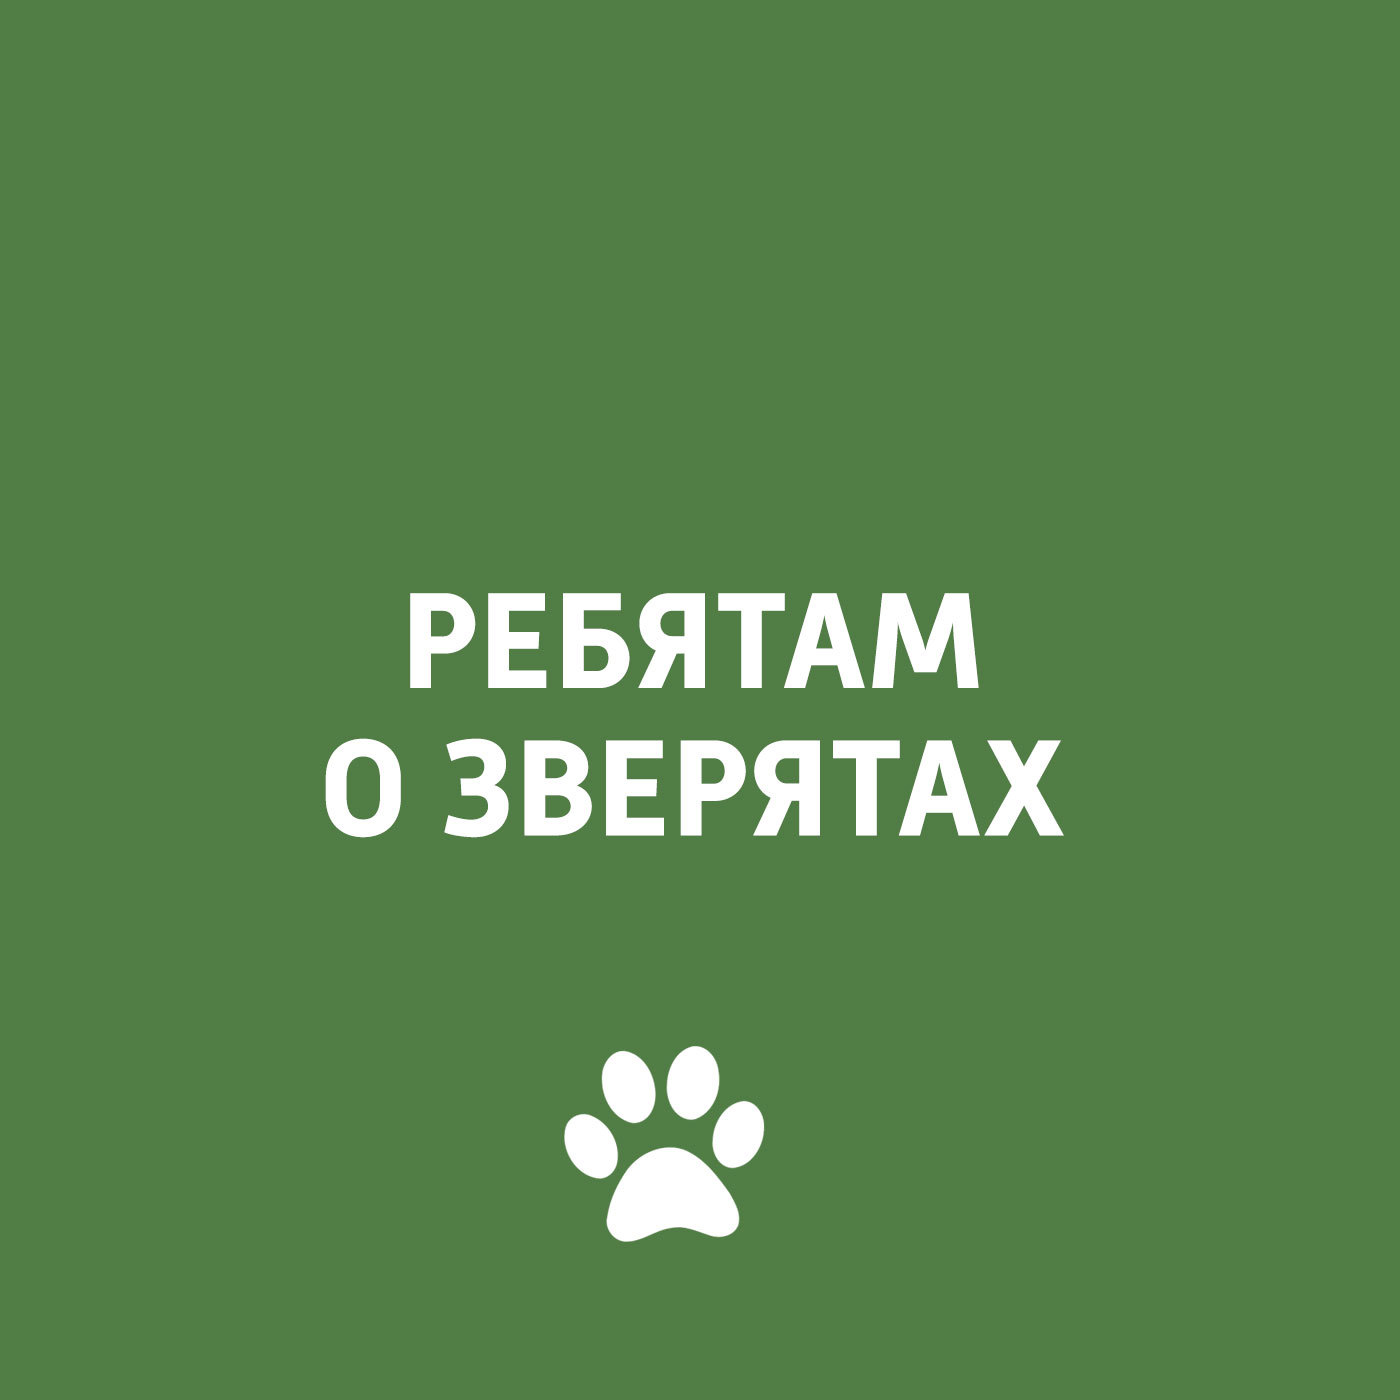 Творческий коллектив программы «Пора домой» Мочекаменная болезнь у котов творческий коллектив программы пора домой вирусные заболевания у кошек и собак